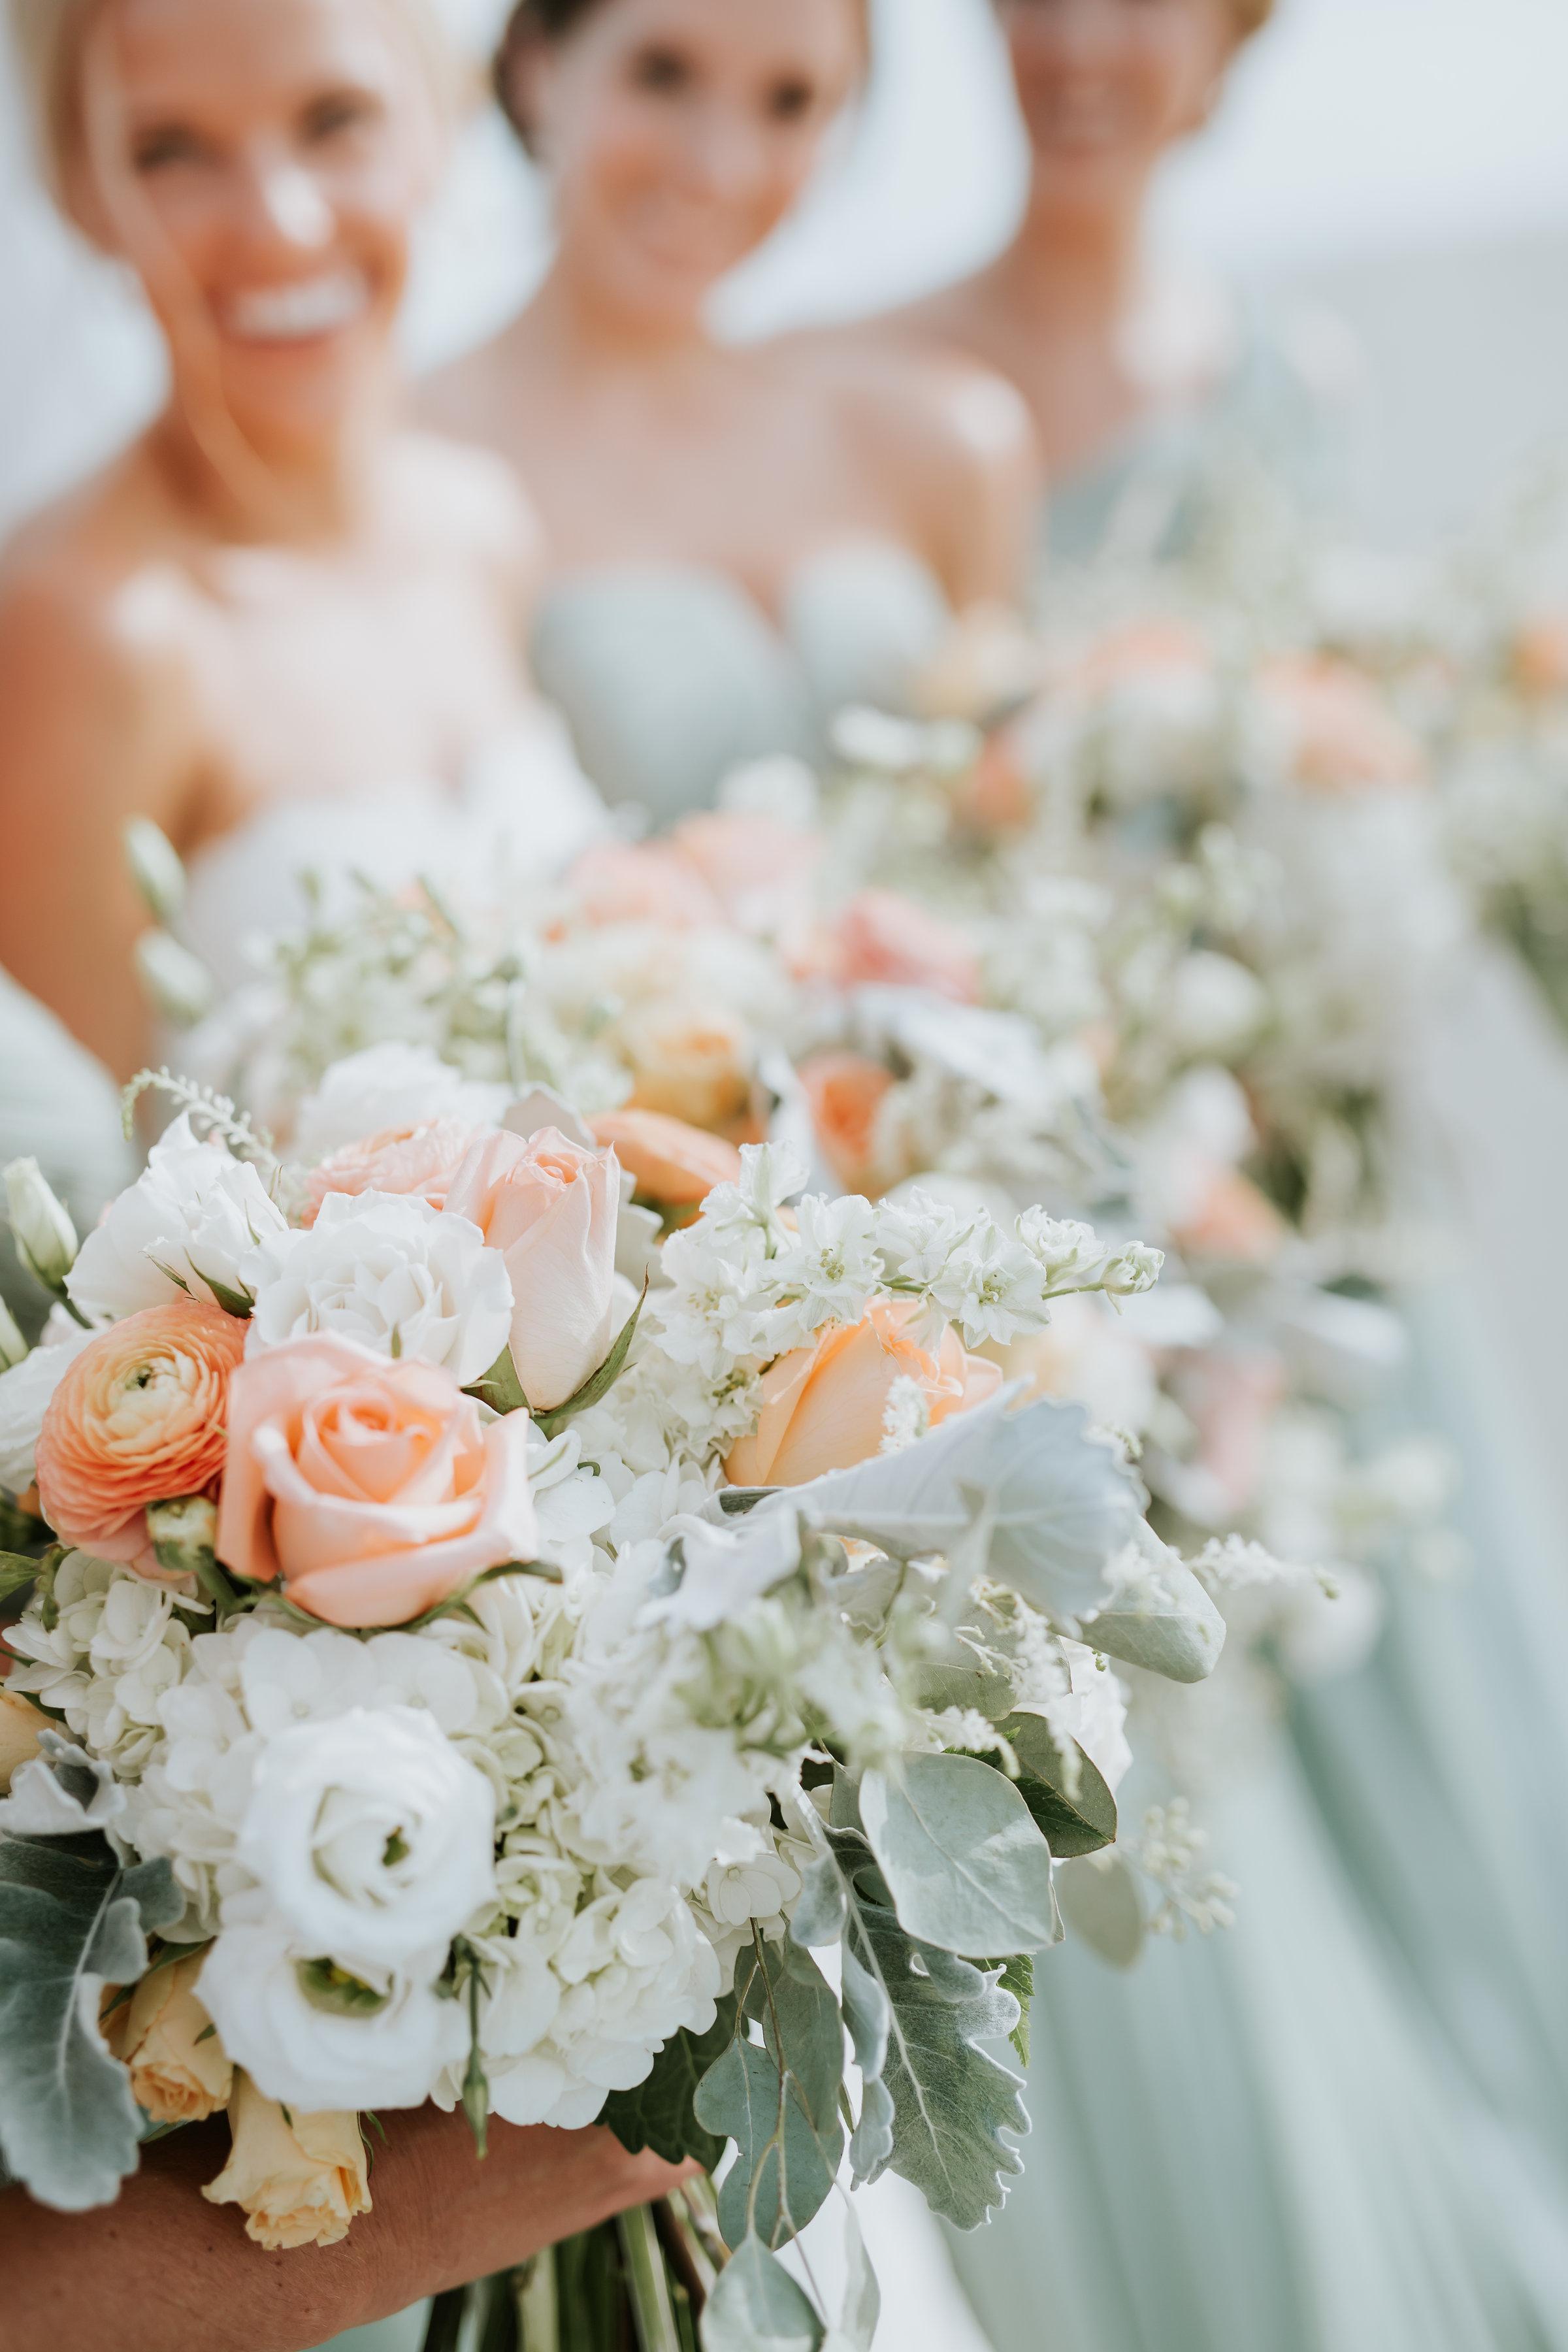 omni-hilton-head-wedding-51.jpg